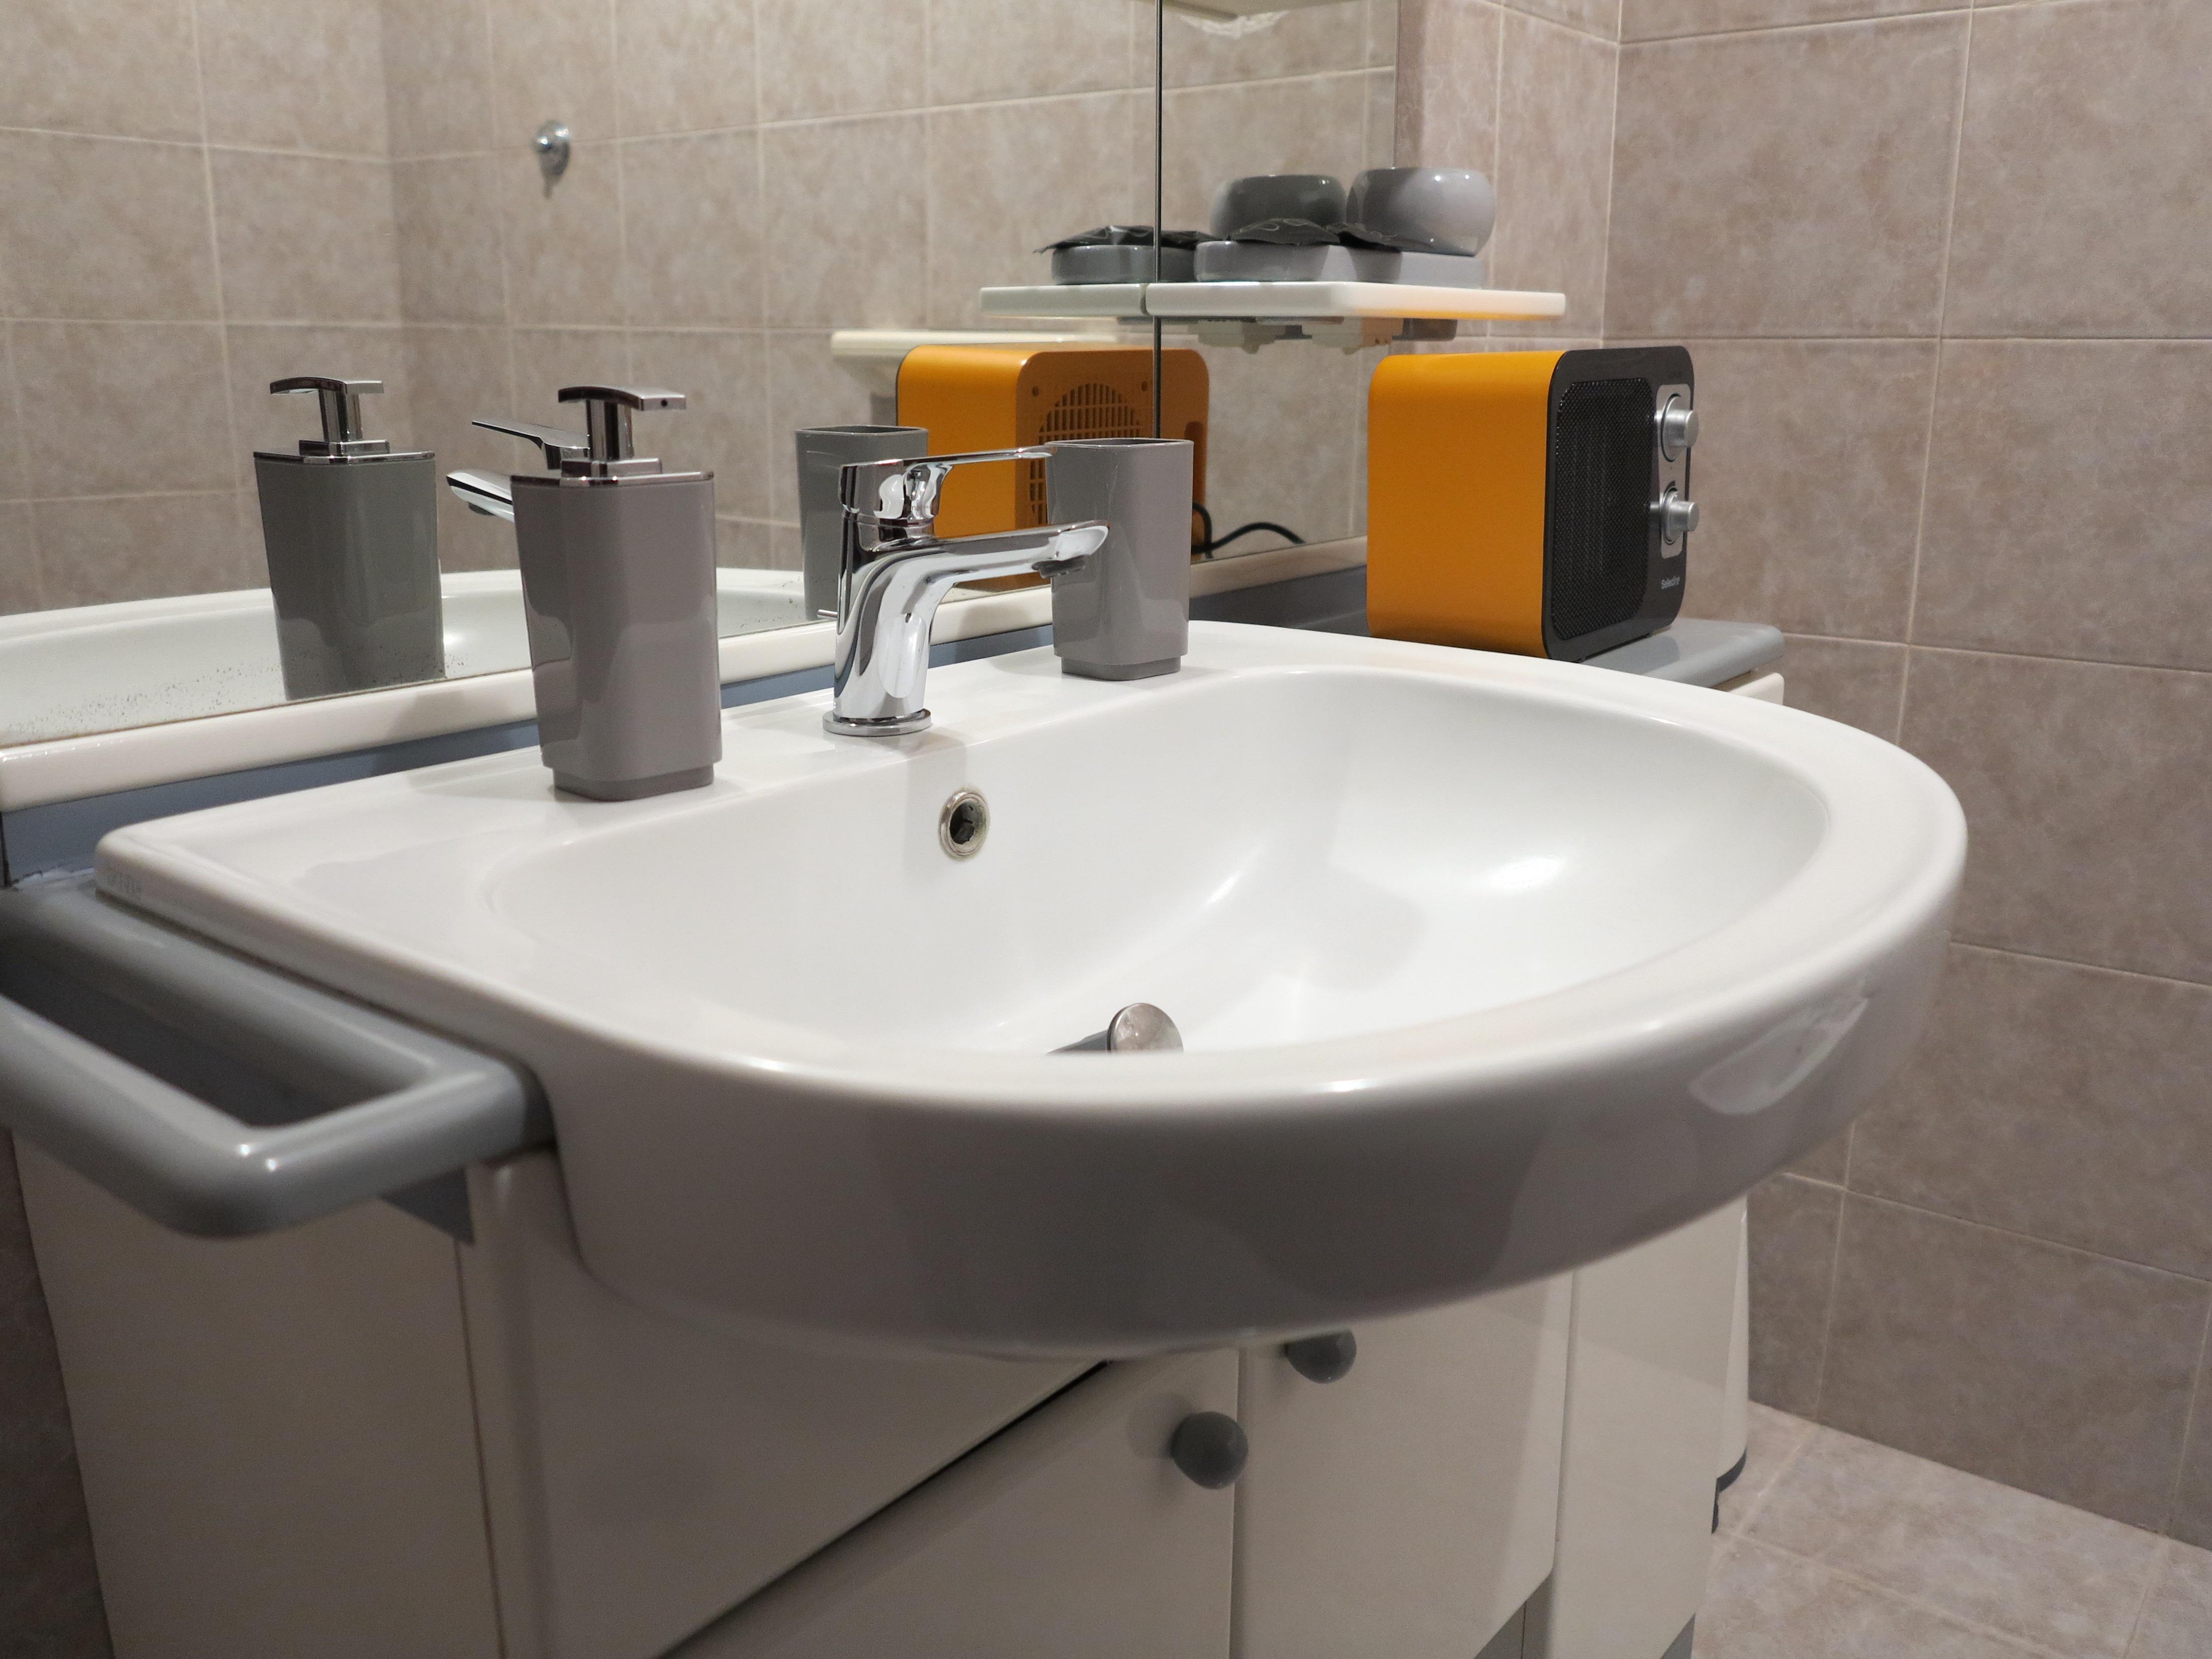 lavandino specchio caldobagno accessori mobile bagno